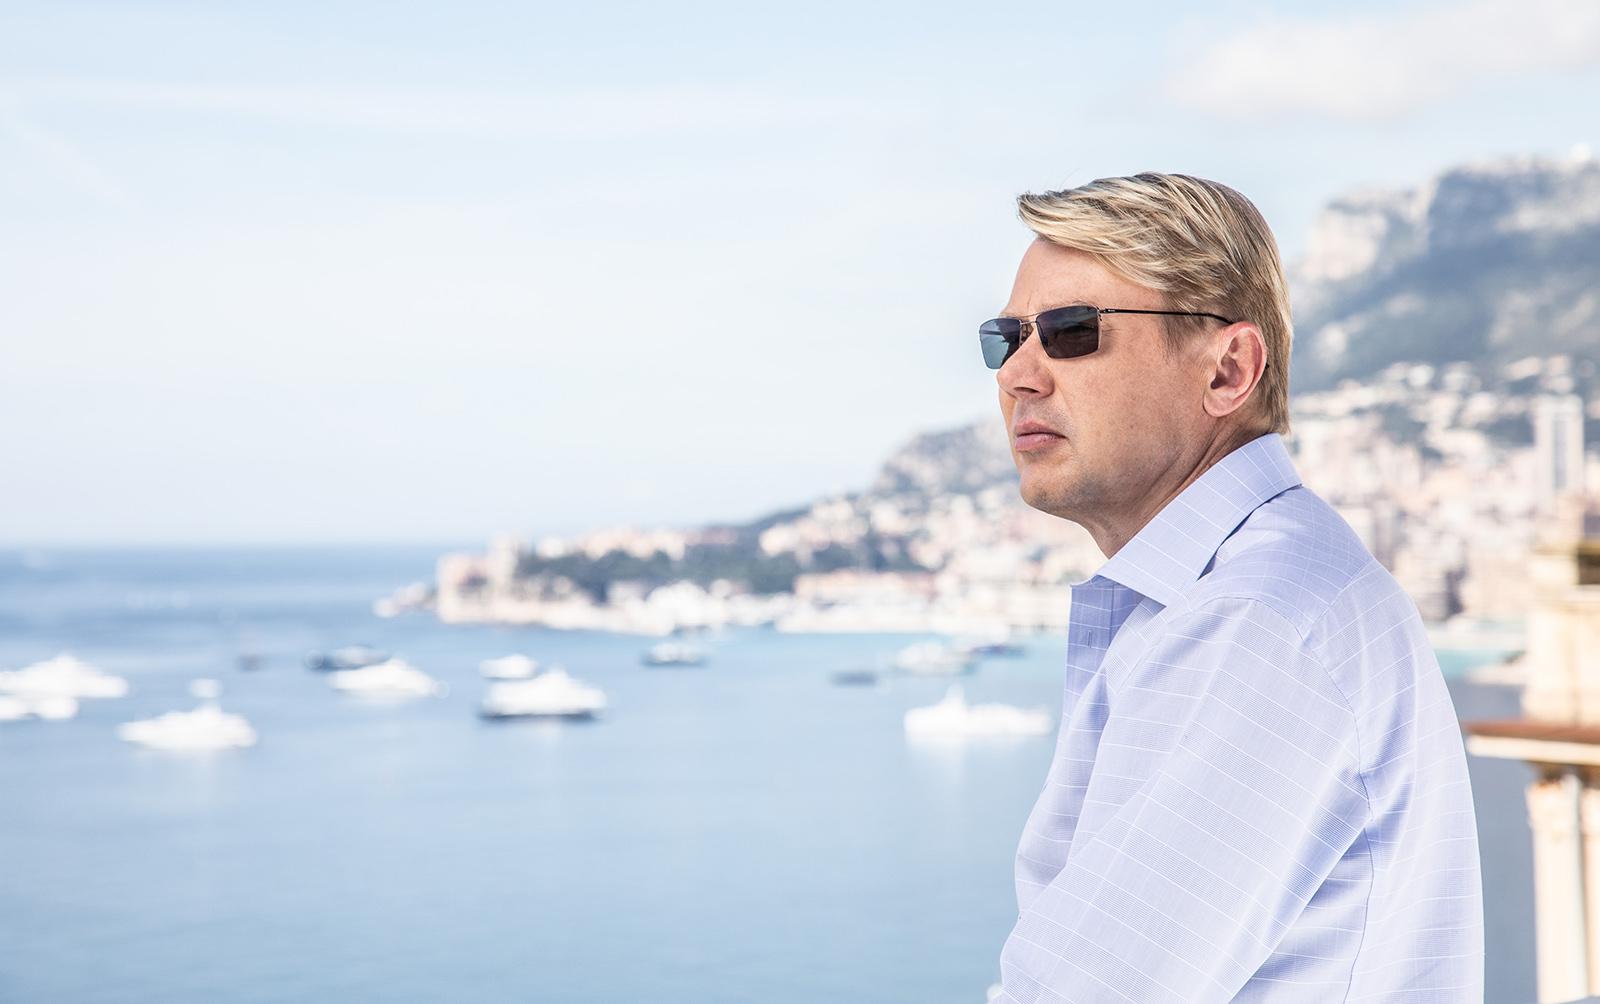 Mika Haekkinen mit Sonnenbrille und Hemd blickt auf Hafen